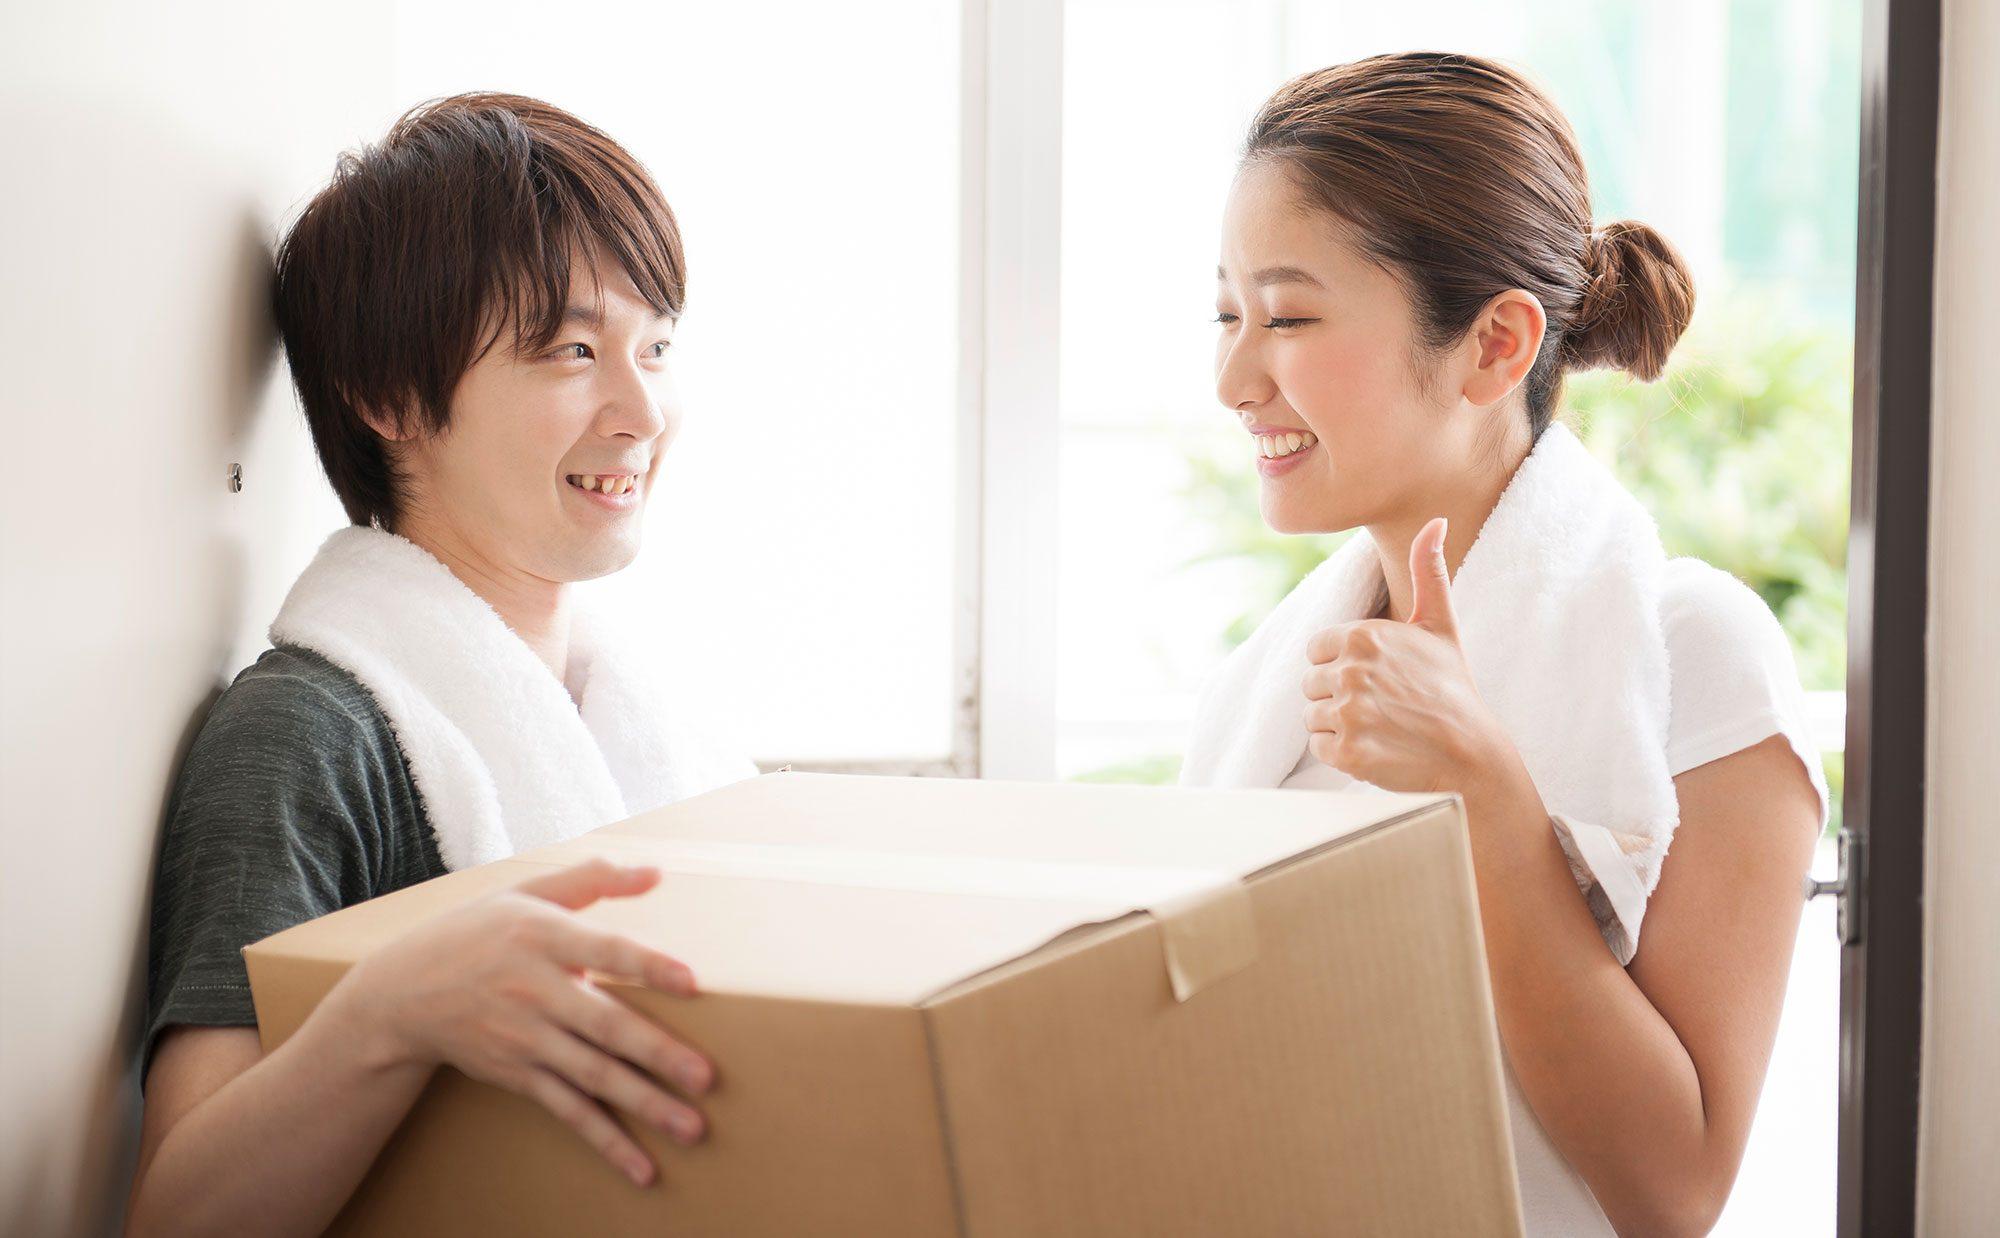 引越し経験13回! 転勤族の妻が見つけた「引越し成功の法則」